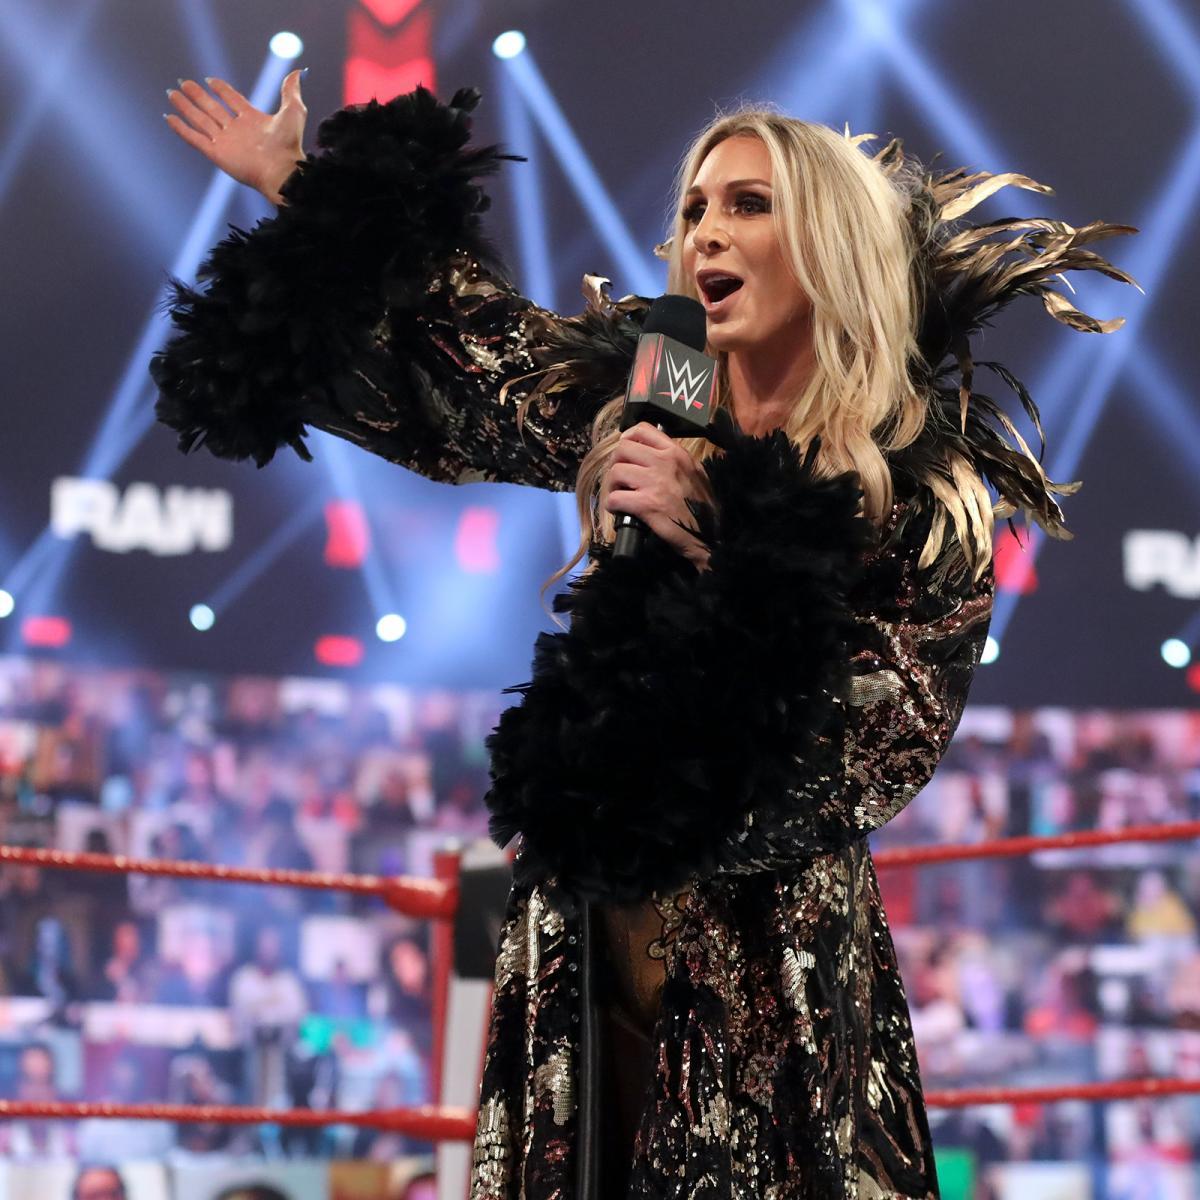 4月のレッスルマニア37大会でロウ女子王者アスカへの挑戦に意欲をみせたシャーロット・フレアー(C)2021 WWE, Inc. All Rights Reserved.